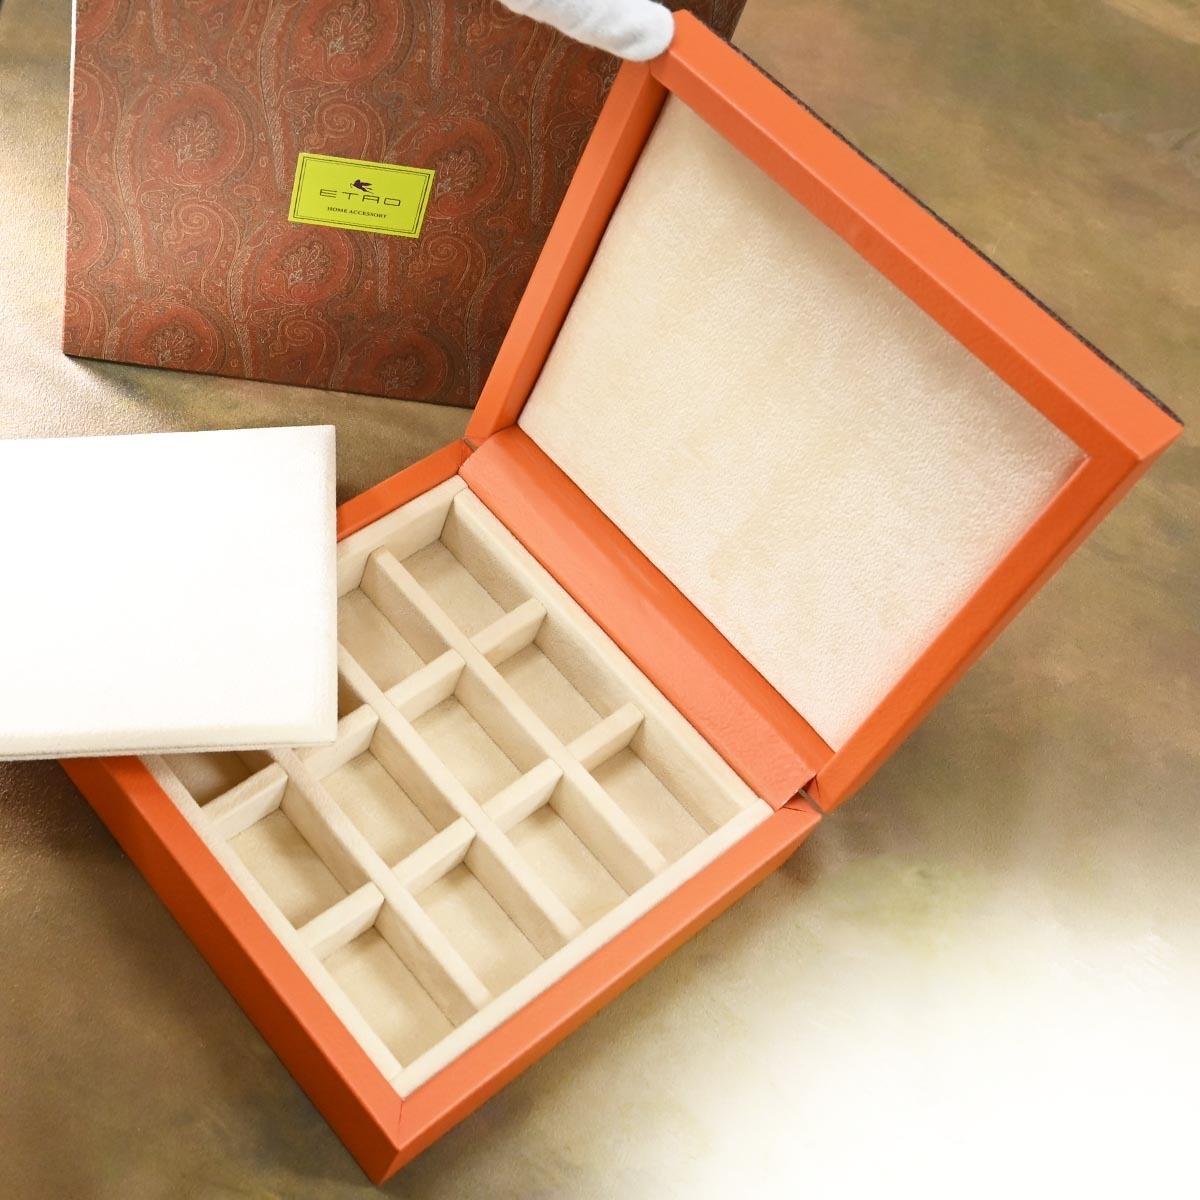 本物 新品 エトロ 極希少 4×3 ペガソプレート ペイズリー ジュエリーボックス 宝石箱 アクセサリーケース キャリングバッグ 保存箱付 ETRO_画像6